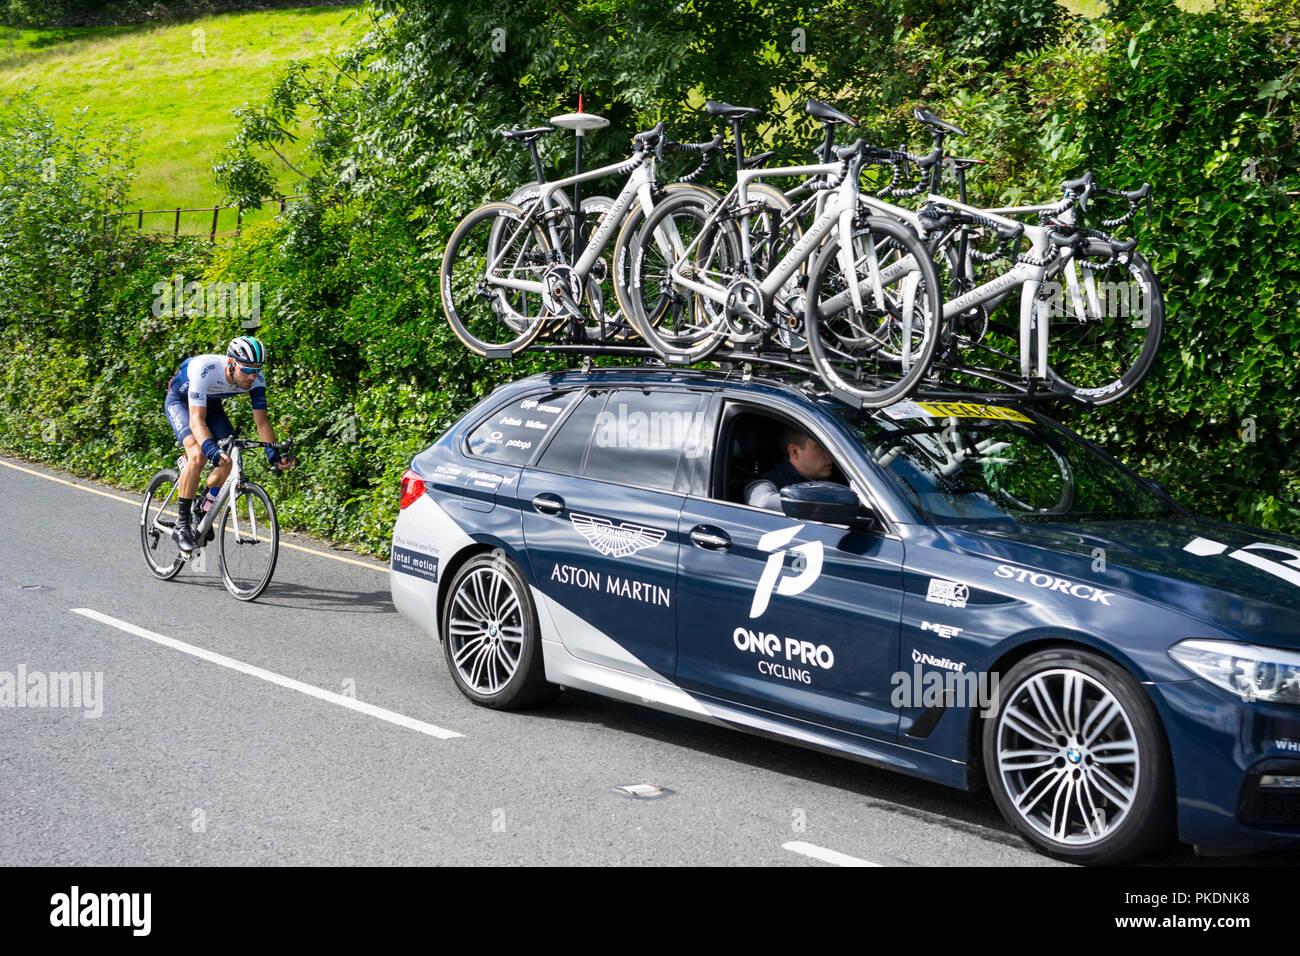 Un véhicule de soutien Pro cycliste avec derrière en passant par le 2018 Coniston sur Tour of Britain, Coniston, Cumbria, Angleterre, Royaume-Uni. Photo Stock